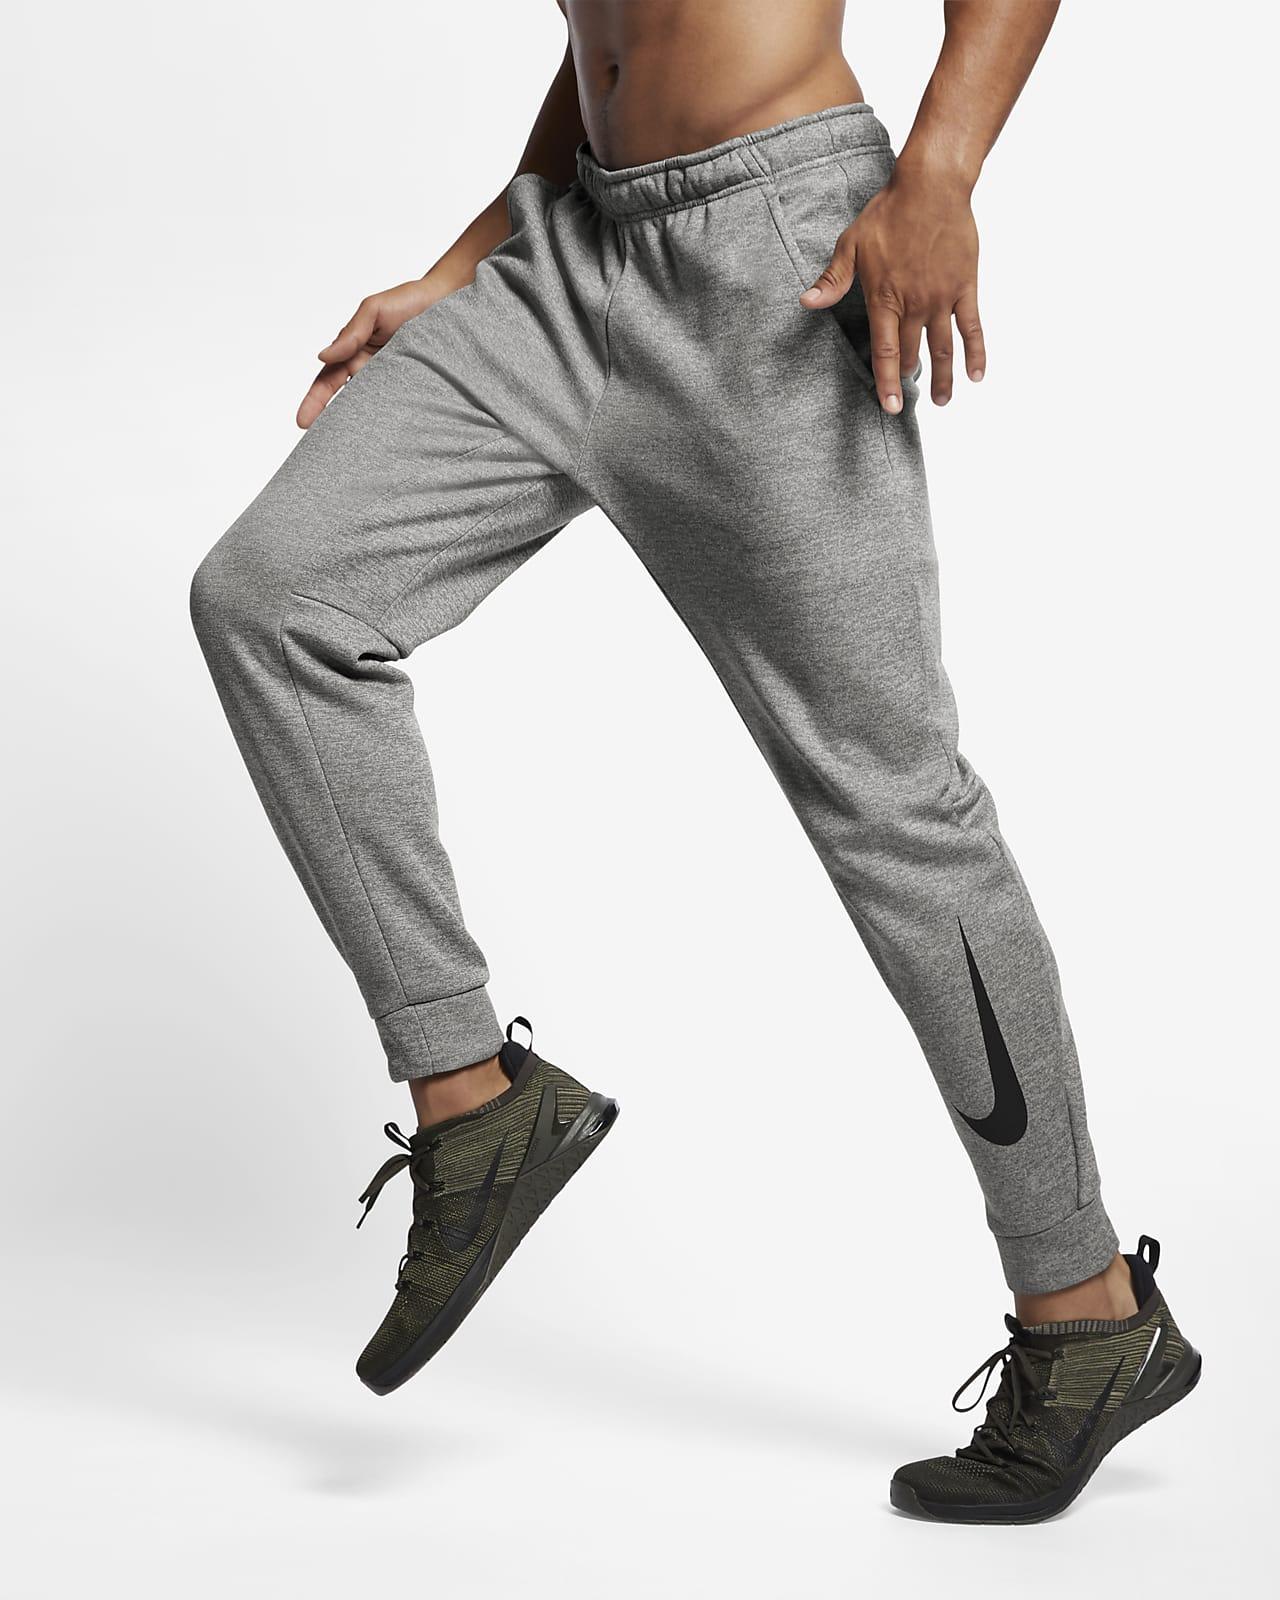 กางเกงเทรนนิ่งขาเรียวผู้ชาย Nike Therma